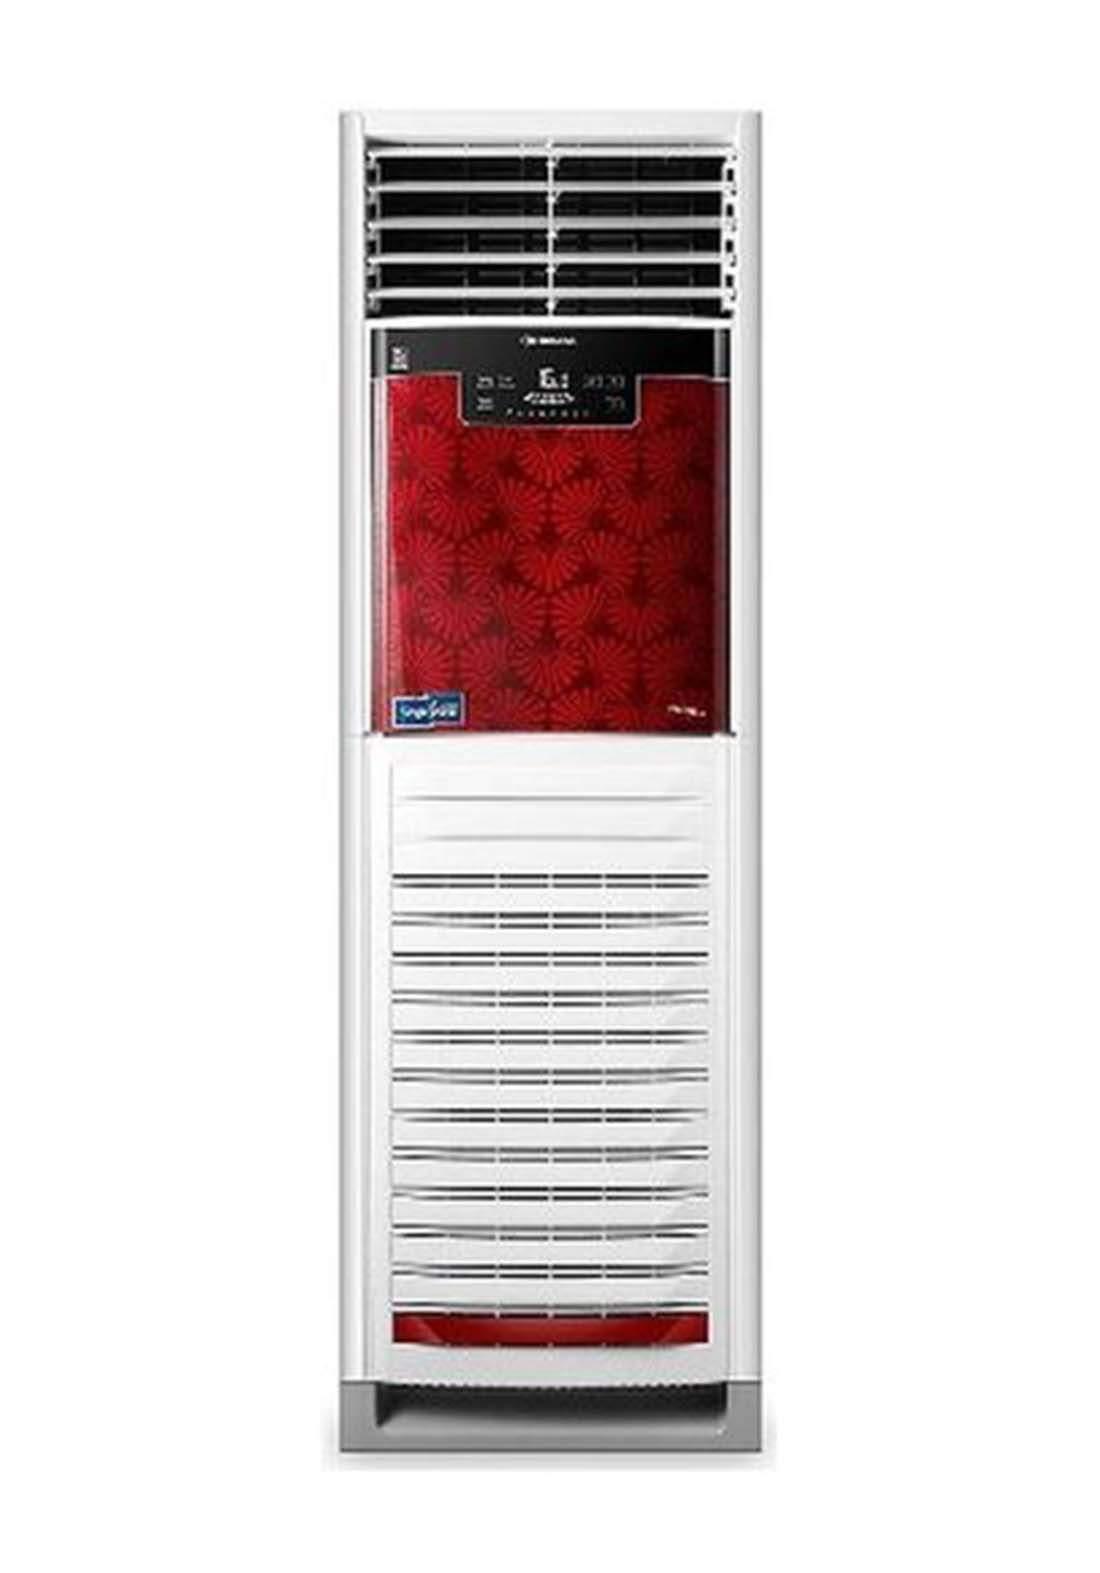 Denka GLR-36RTH split column, 3 ton, red سبلت عامودي